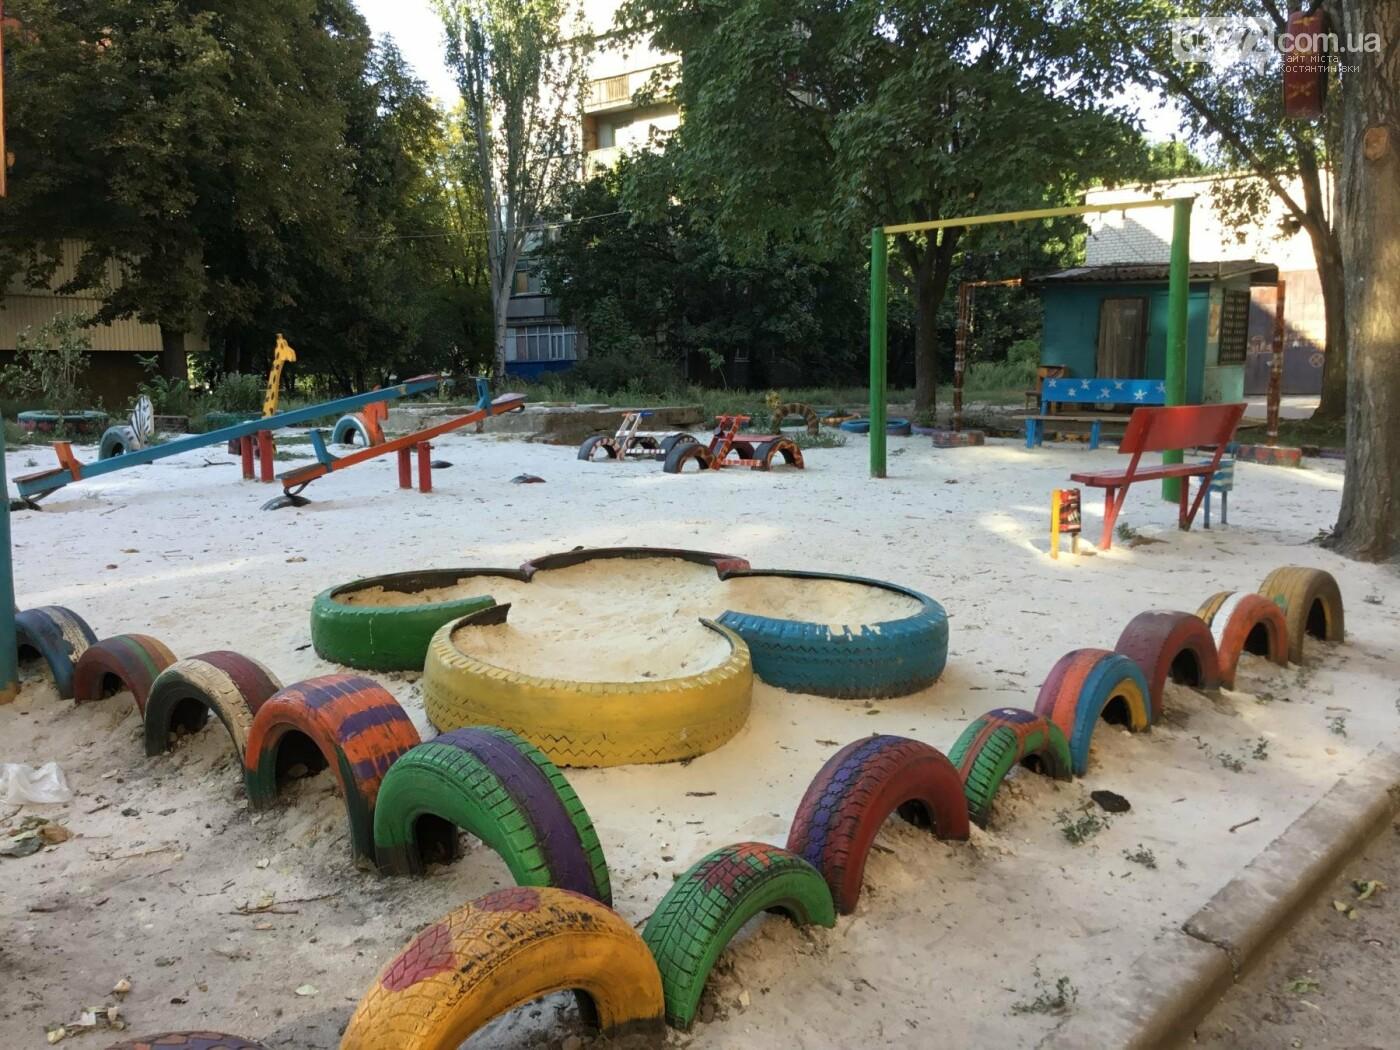 В Константиновке по ул. Безнощенко молодежь сделала спортивную площадку для детей, фото-23